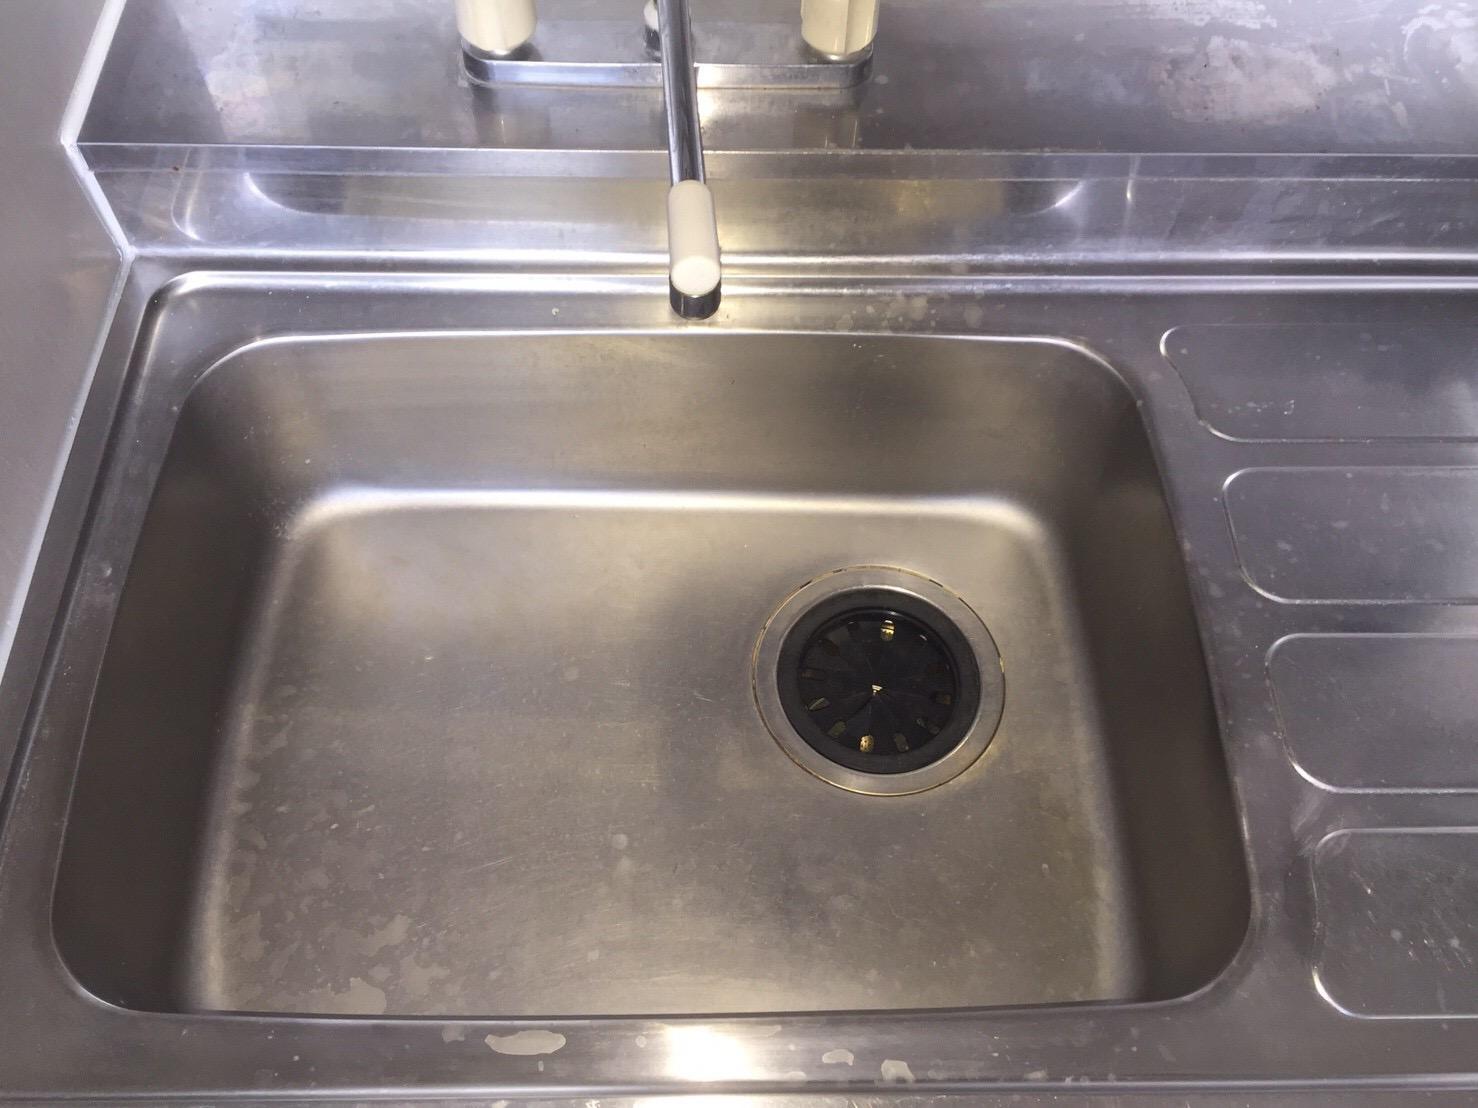 伊丹市 台所「シンク清掃」クリーニング ハウスクリーニング おそうじ/おそうじプラス